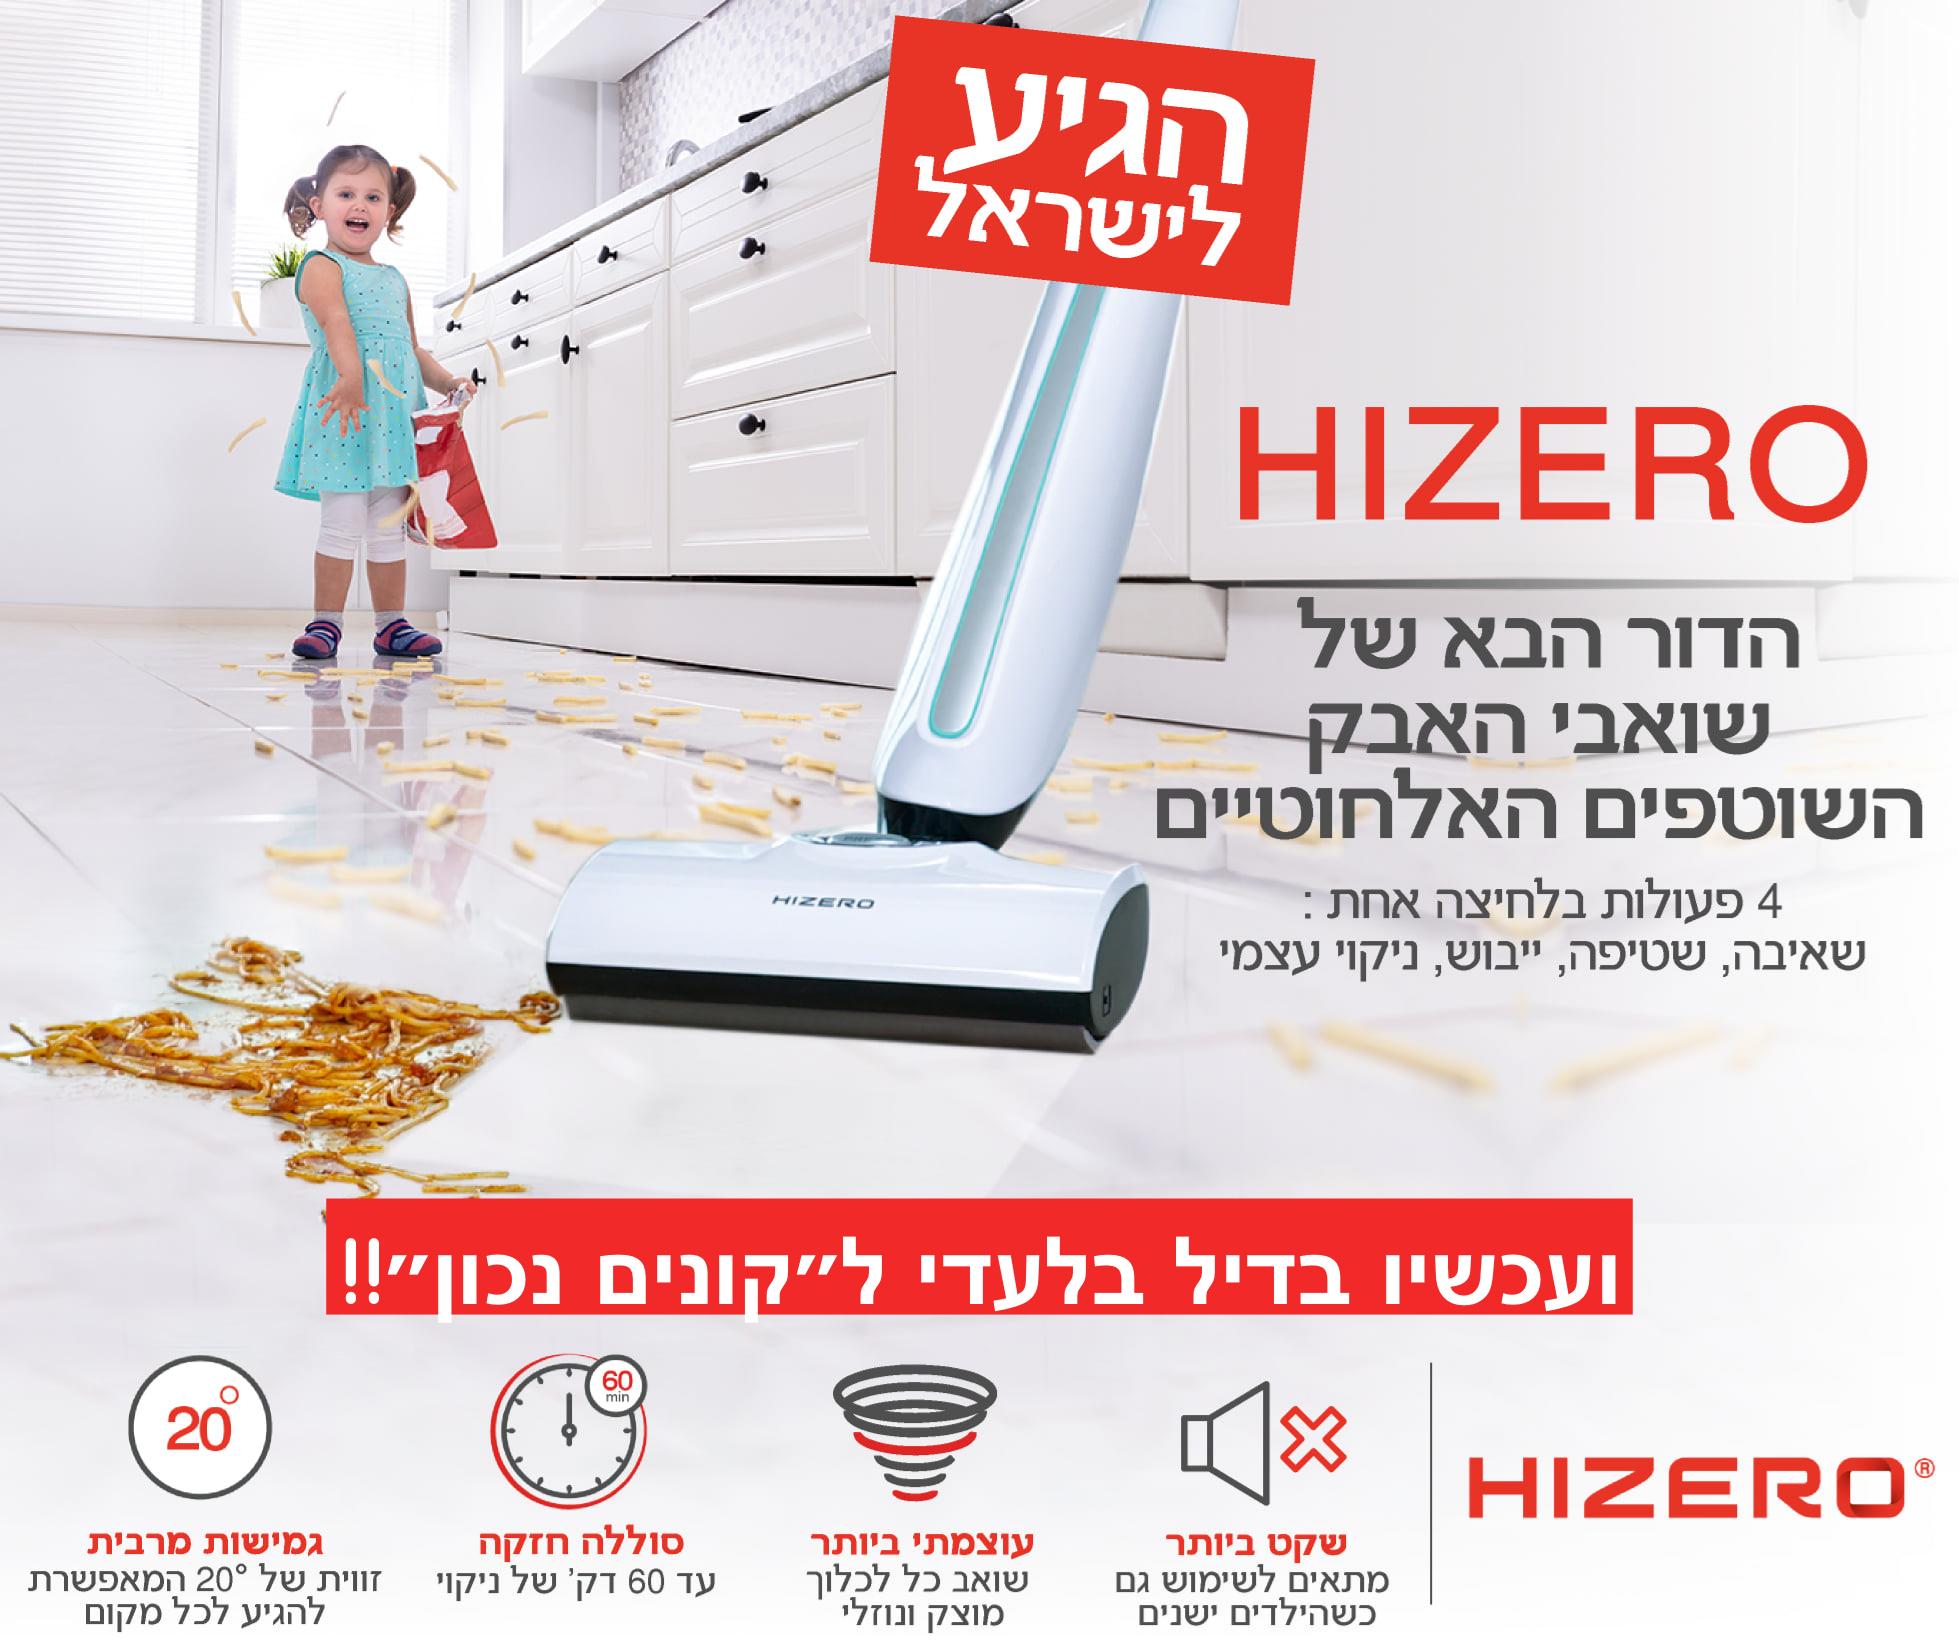 מוצר מהפכני! שואב שוטף הרצפות האלחוטי HIZERO בירידת מחיר ומתנה!